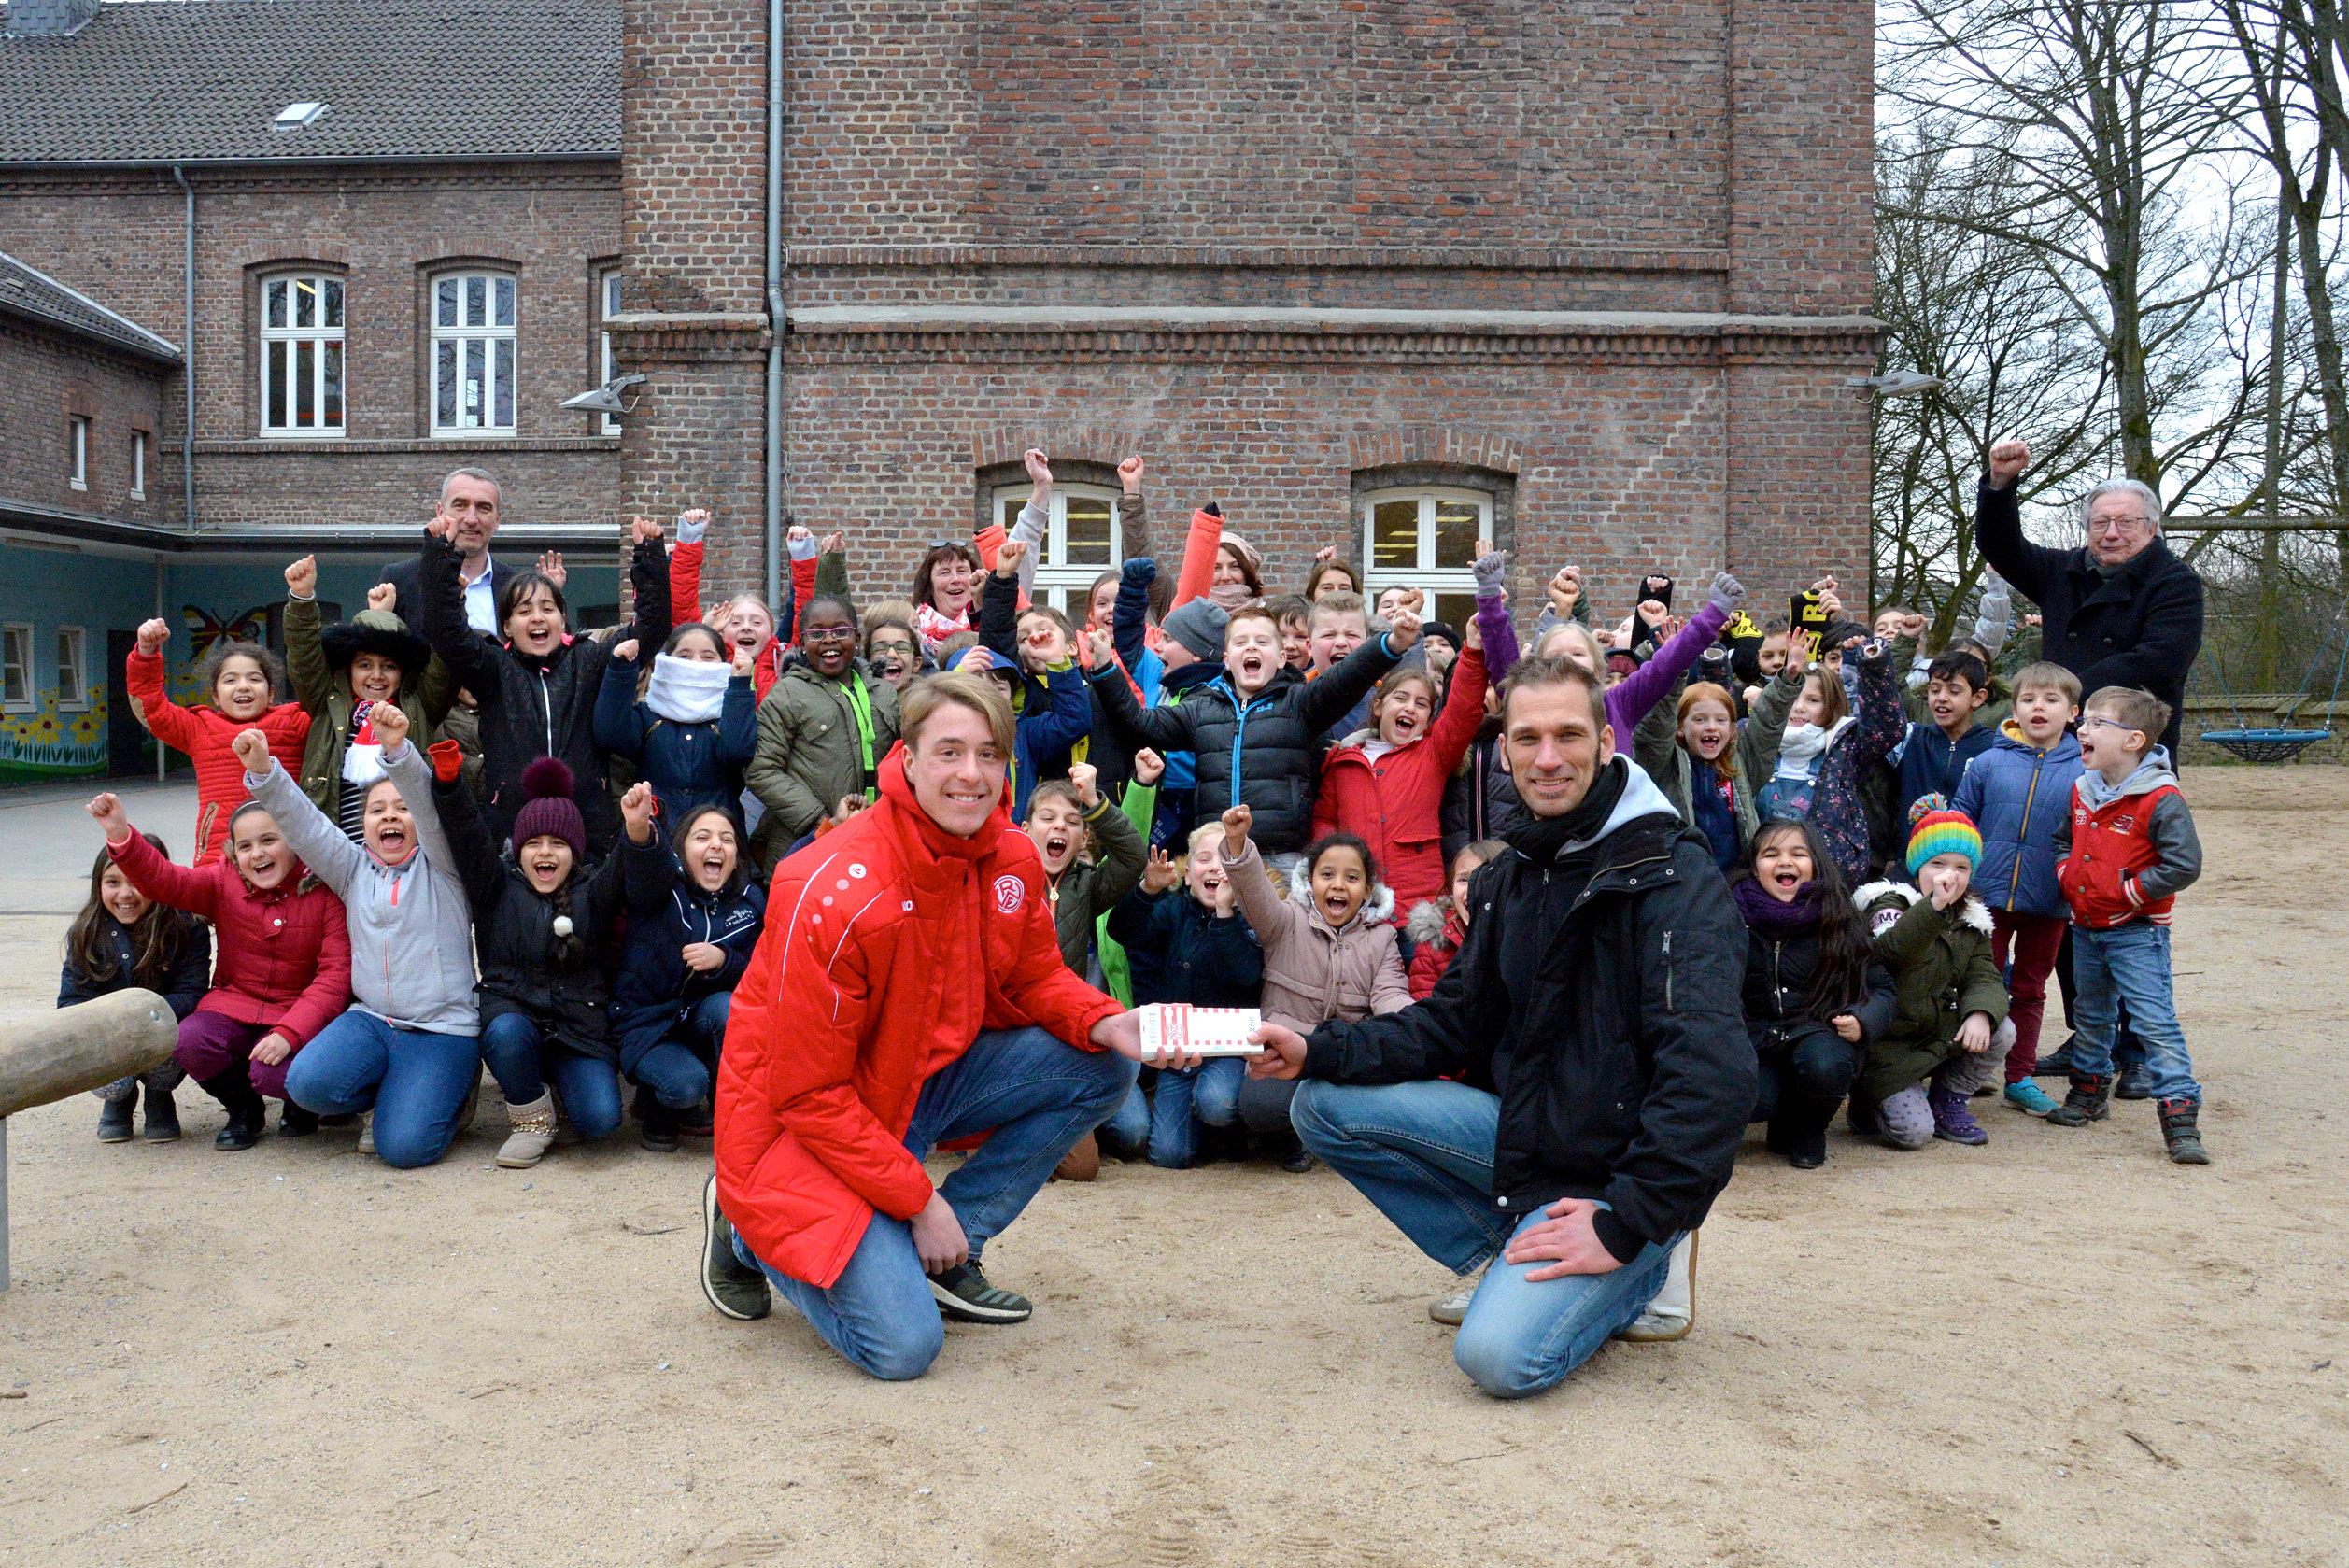 Schöner Besuch in der Nachbarschaft: An der Borbecker Dürerschule startete der Rot-Weisse Ganztag ins neue Jahr. (Foto: Capitain/EC)